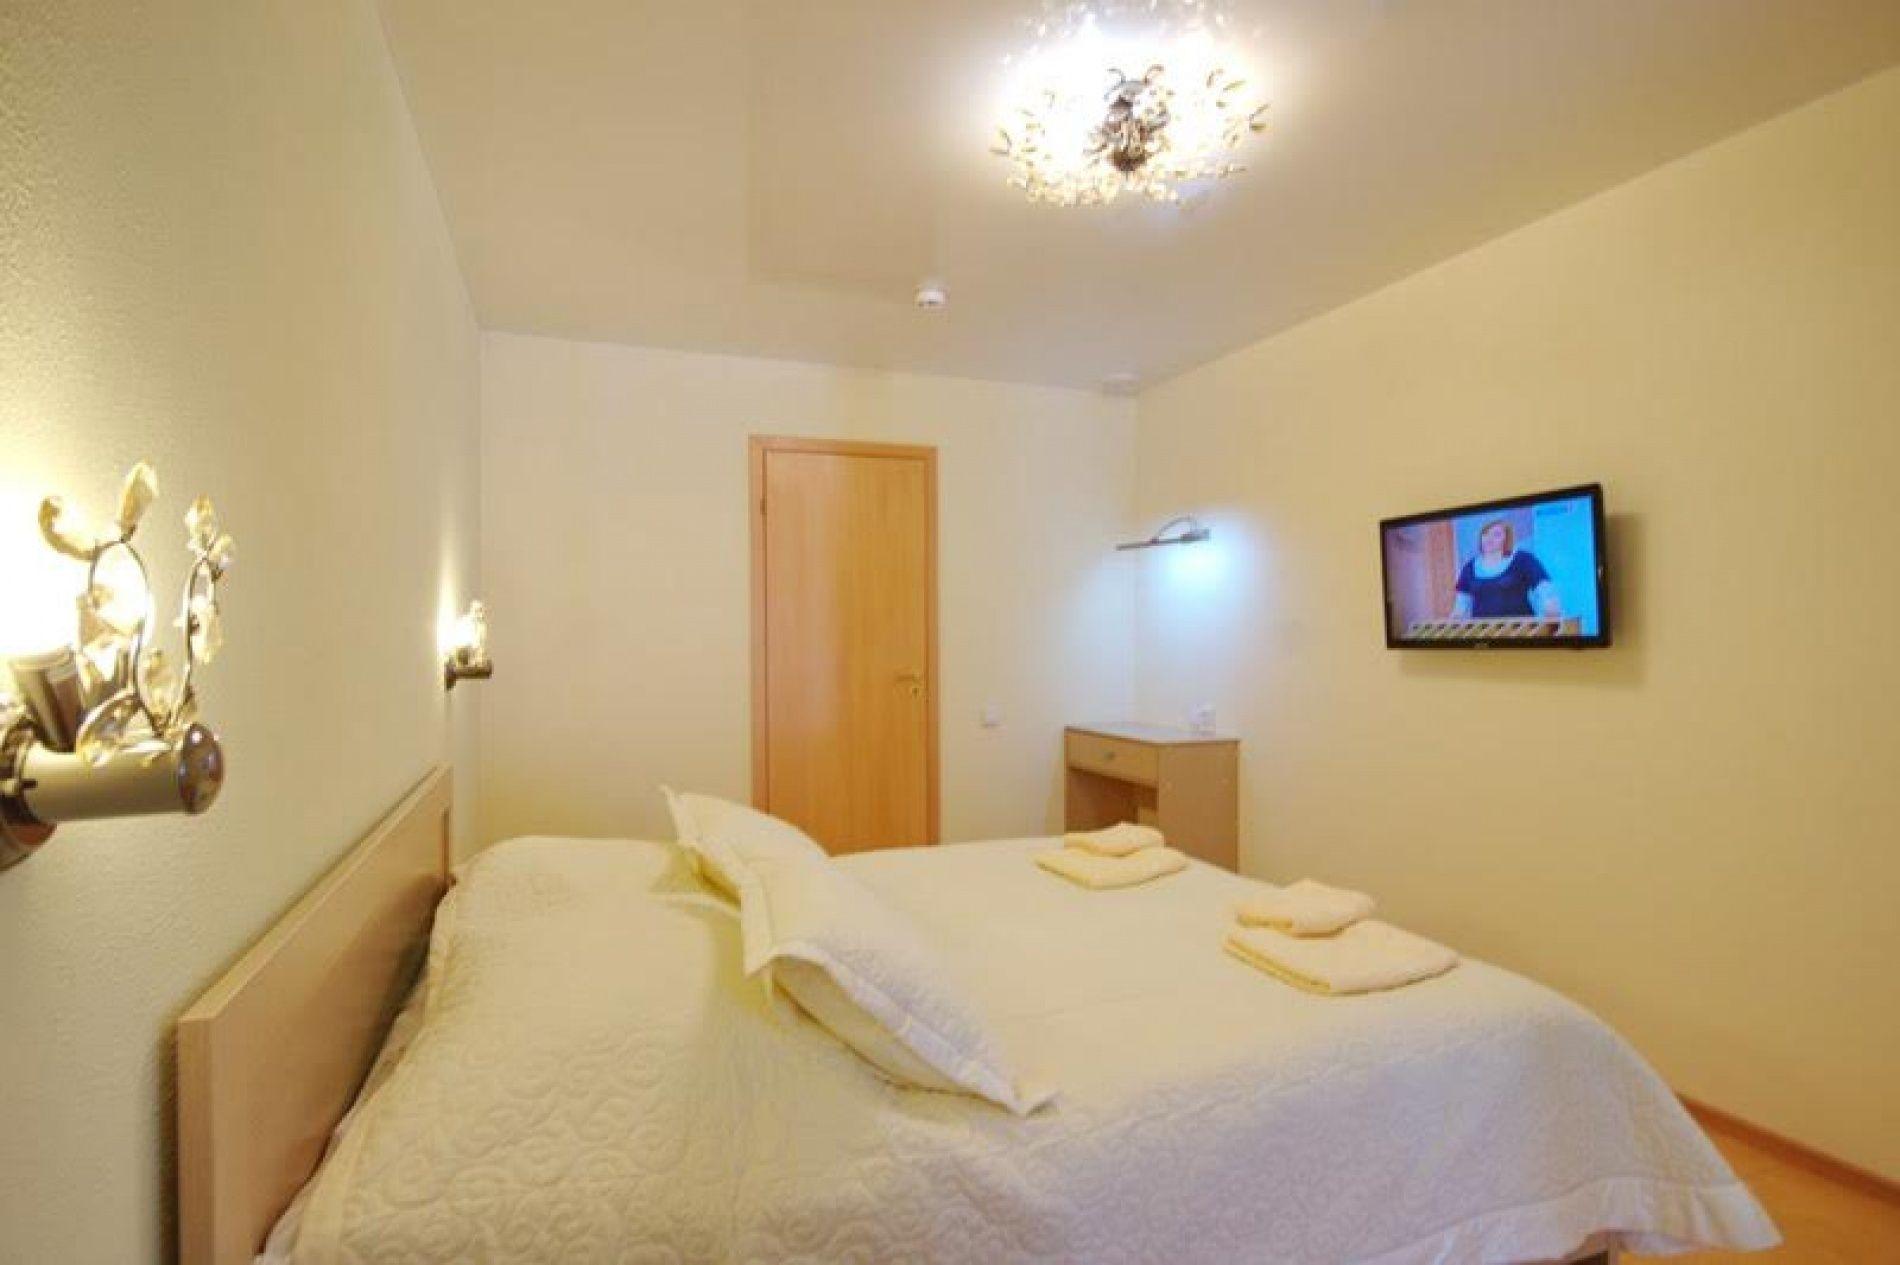 База отдыха «Уютная» Ульяновская область 4-х местный VIP номер, фото 1